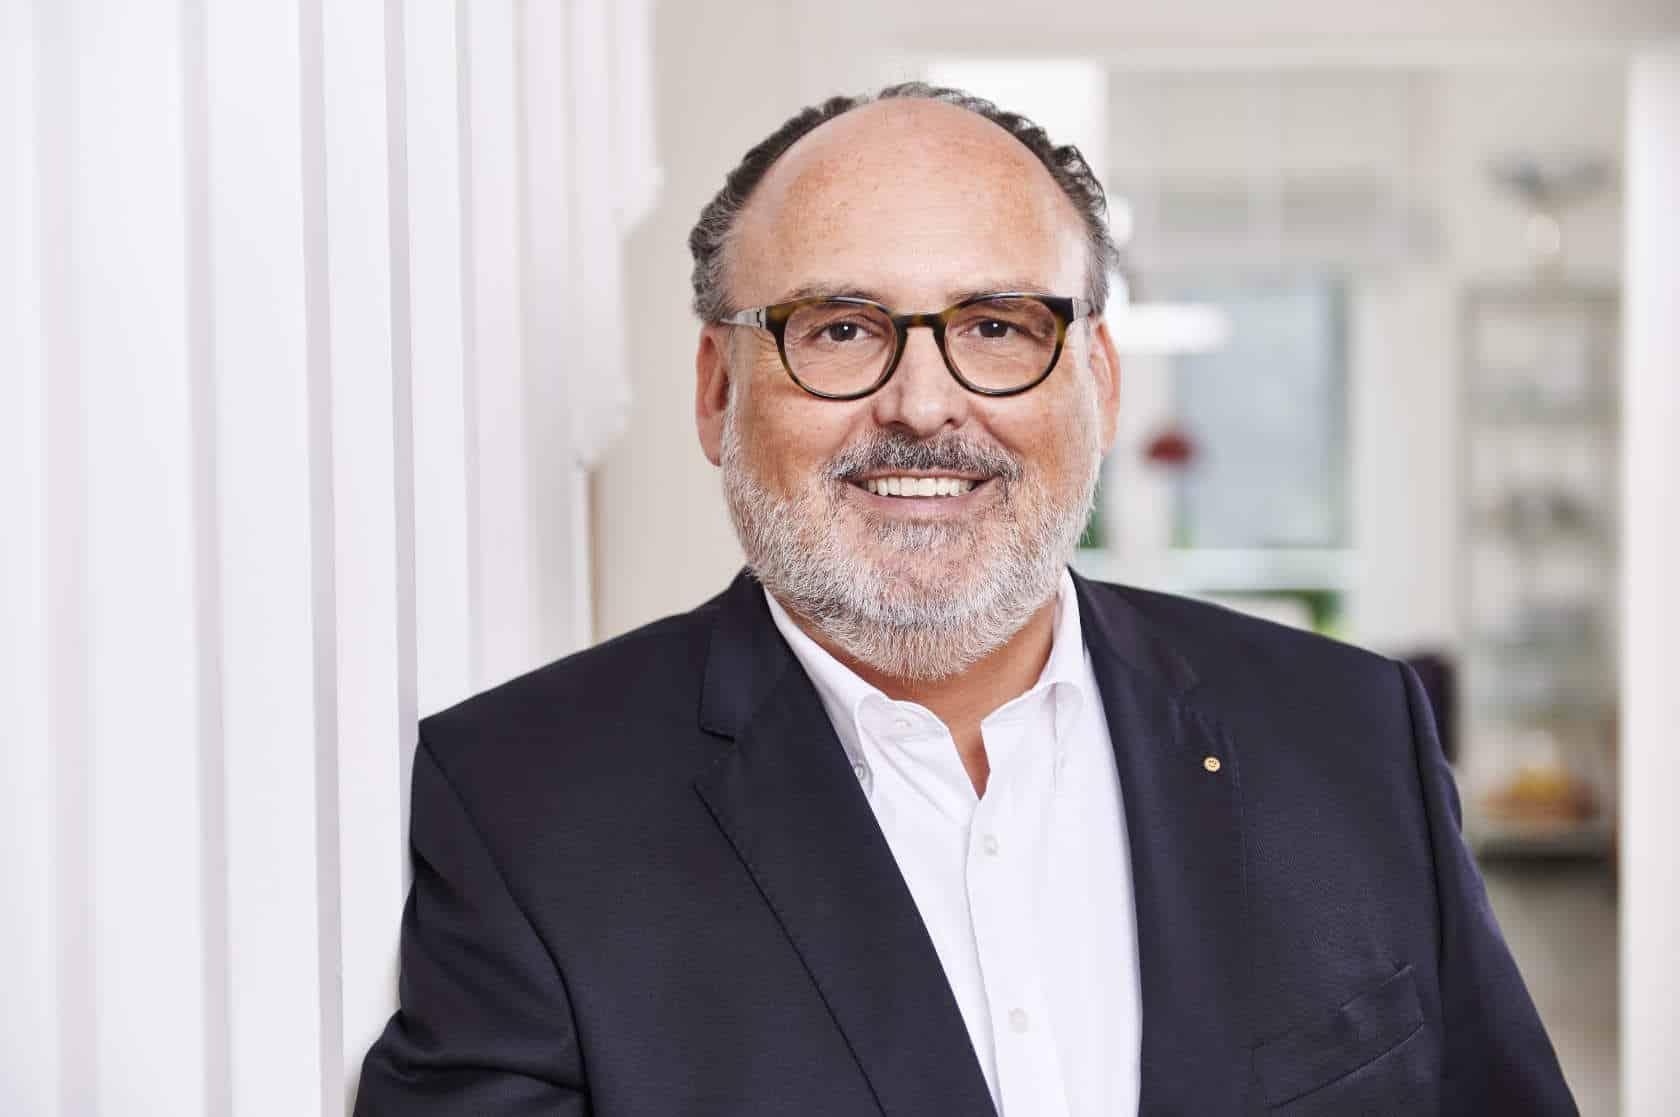 Nils Koerber